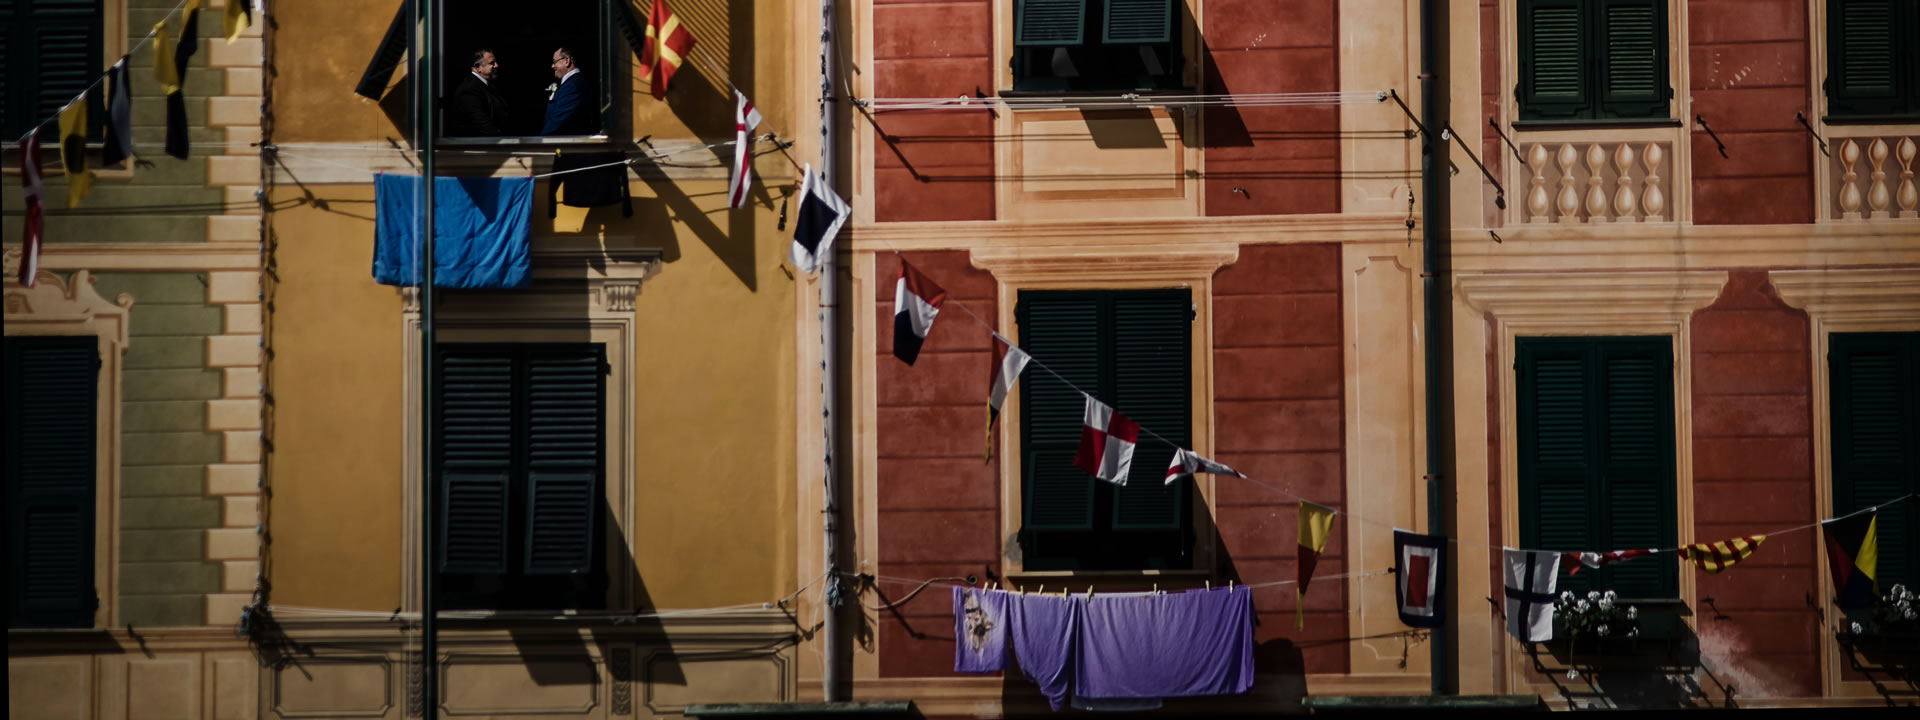 same-sex-love-in-portofino-david-bastianoni-photographer-00011 - 11 :: Wedding in Portofino // WPPI 2018 // The man that I love :: Luxury wedding photography - 10 :: same-sex-love-in-portofino-david-bastianoni-photographer-00011 - 11